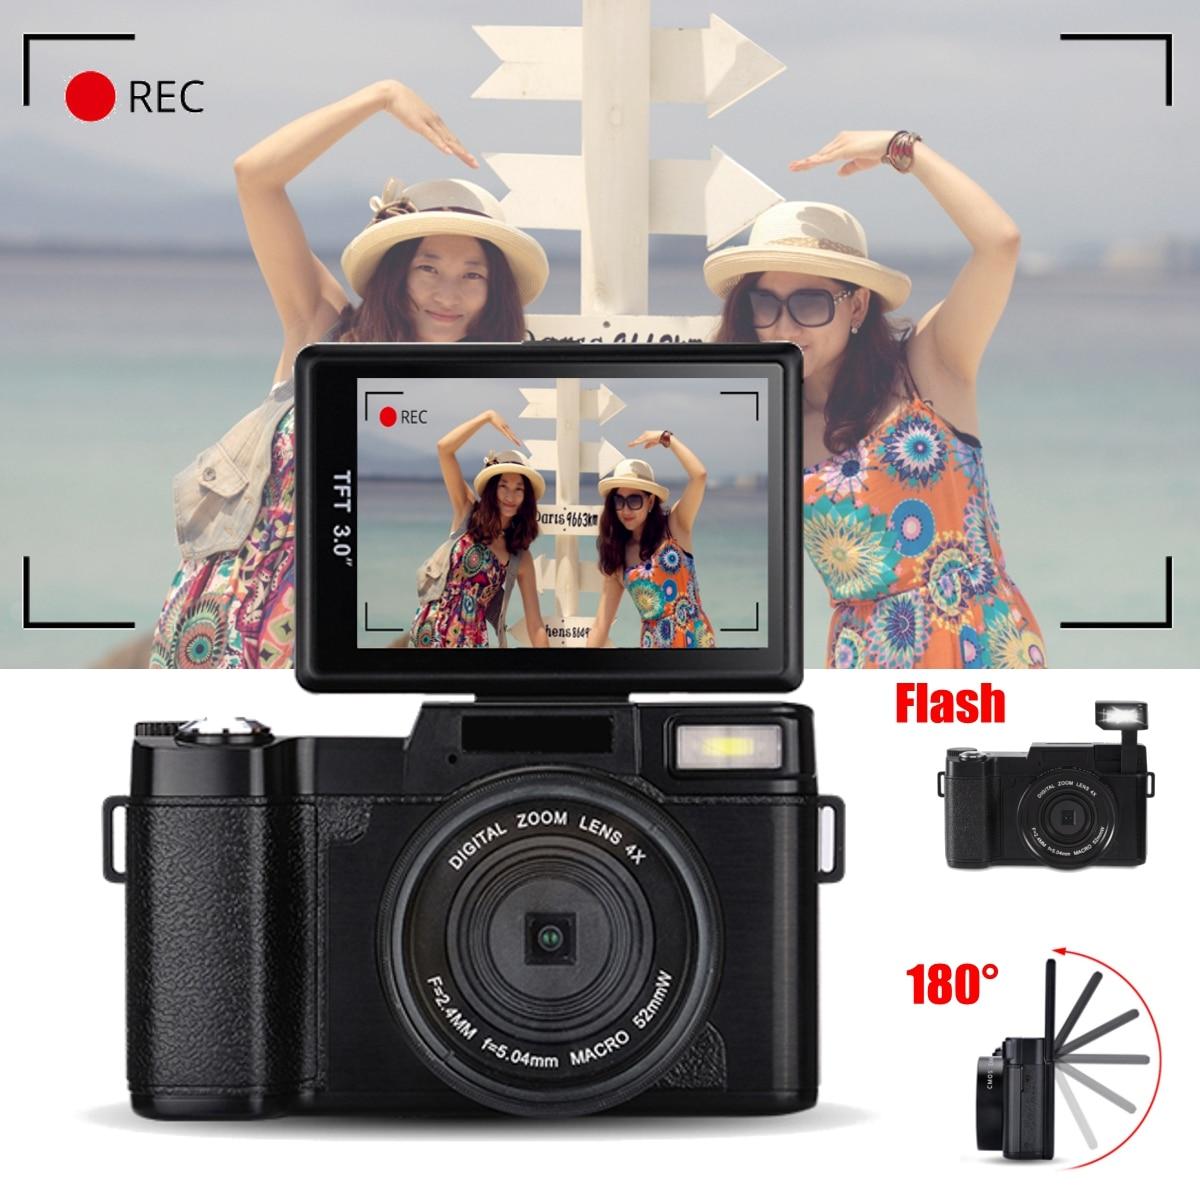 Новая Vlog цифровая камера Full HD 1080P профессиональная видеокамера Vlogging Камера 8,0 МП CMOS Max 24MP|Любительские видеокамеры|   | АлиЭкспресс